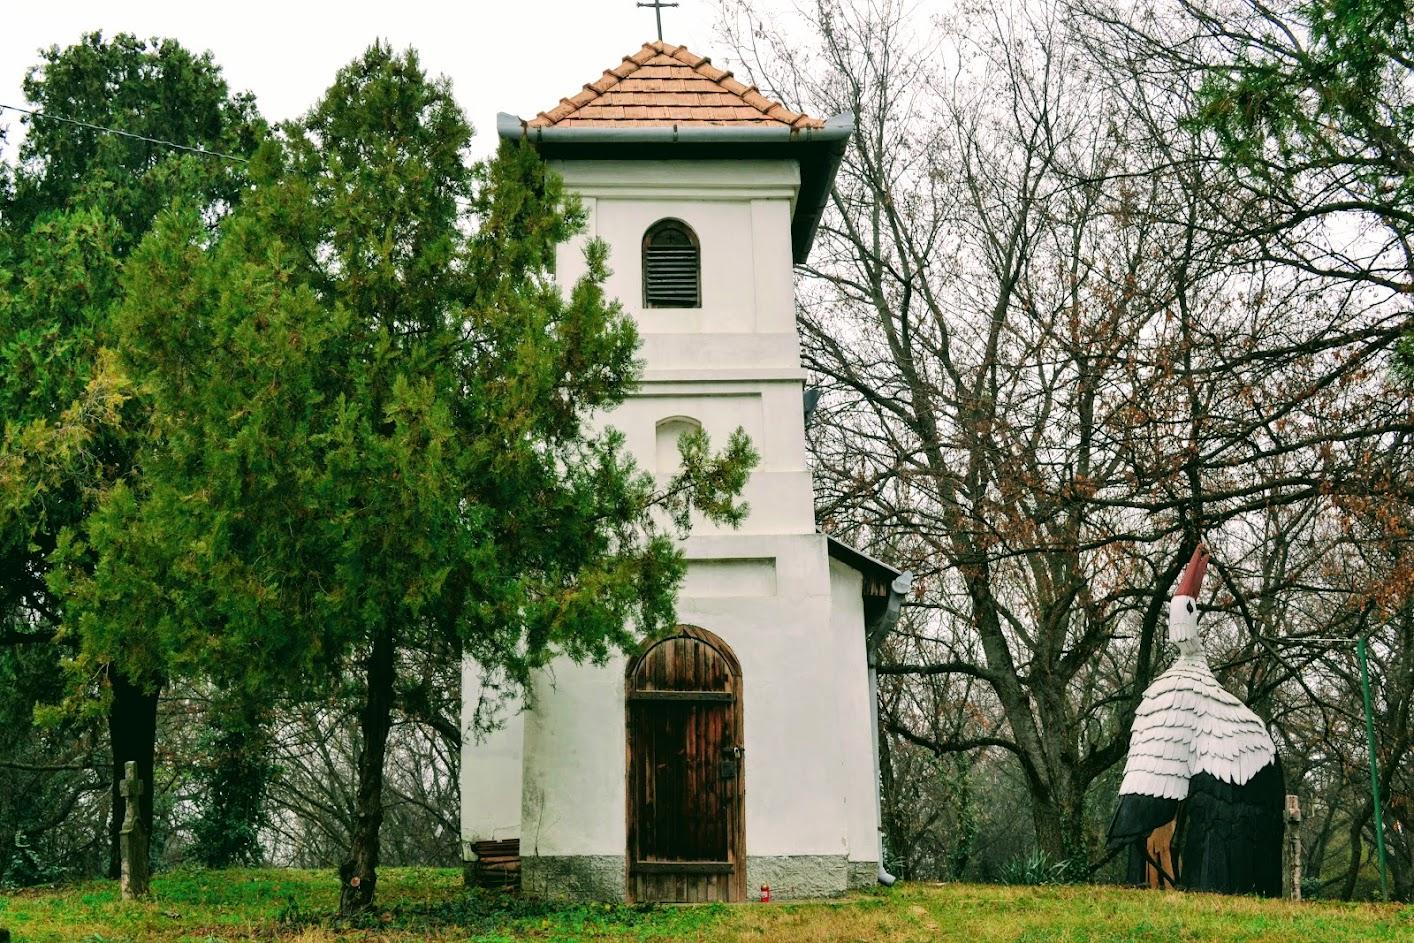 Szent István-kápolna, Dunakeszi, Kegyeleti park